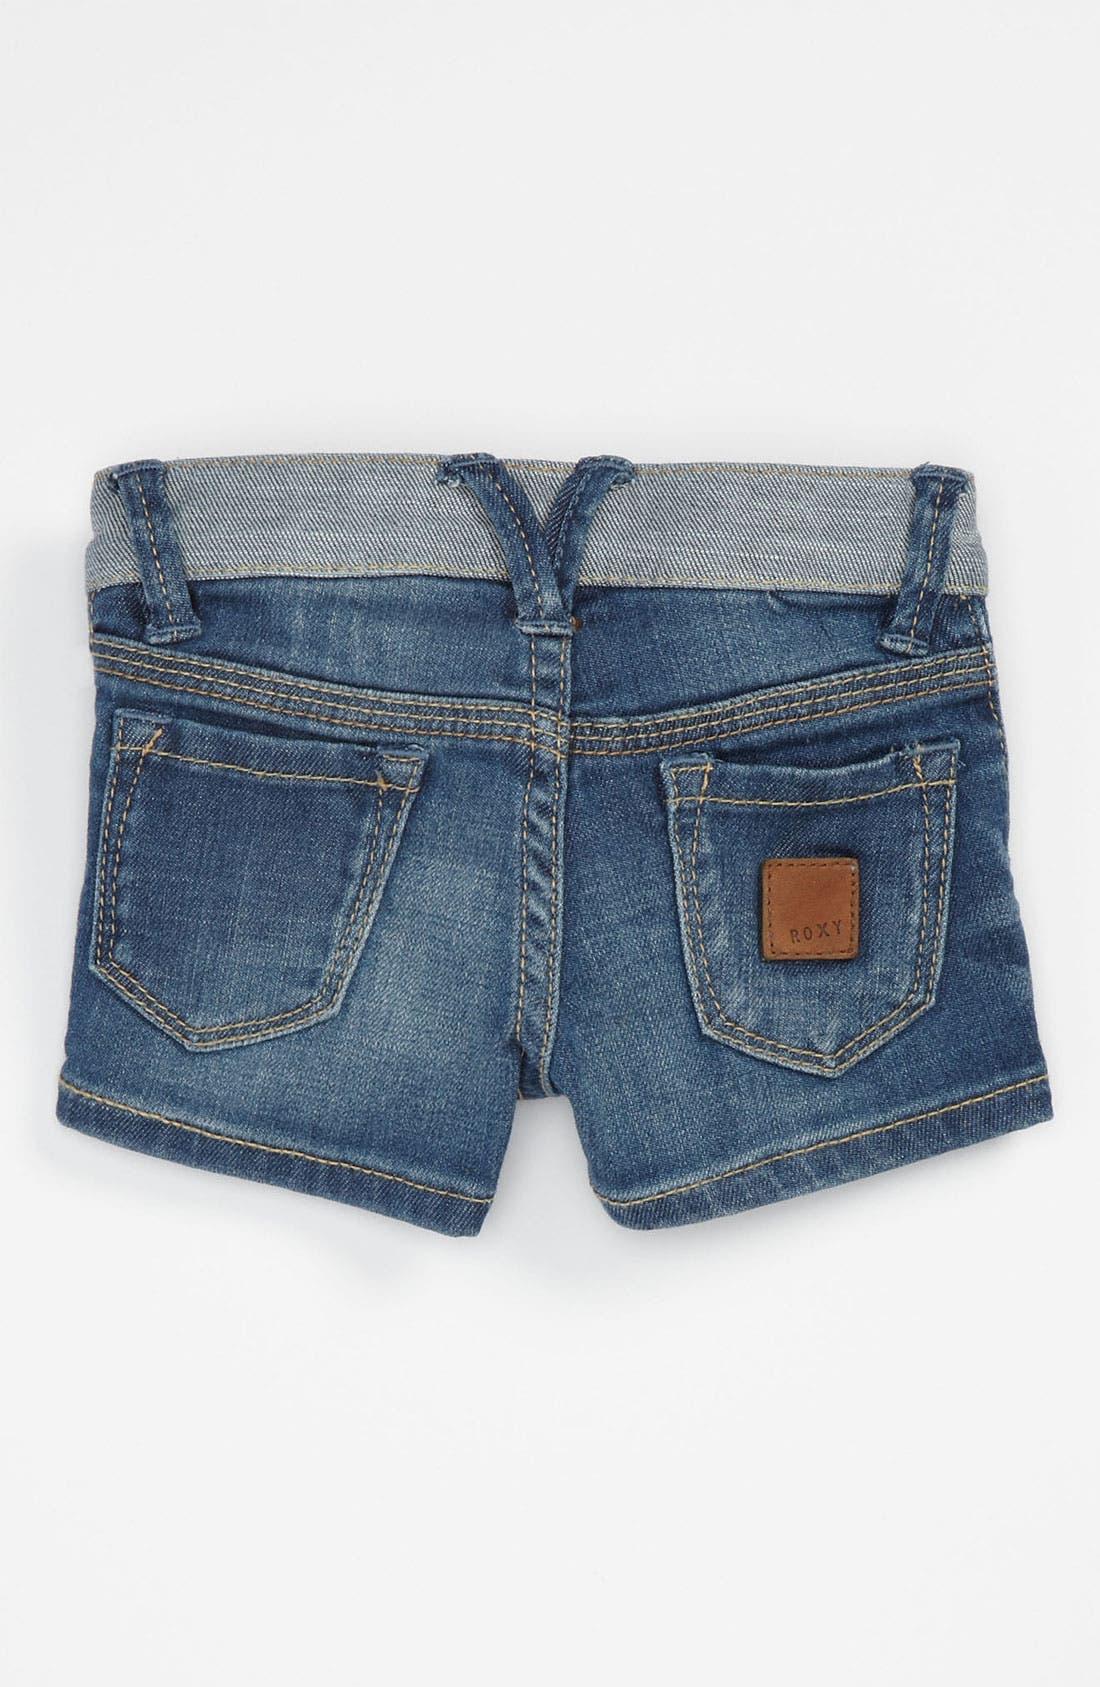 Alternate Image 1 Selected - 'Sundown' Denim Shorts (Toddler)